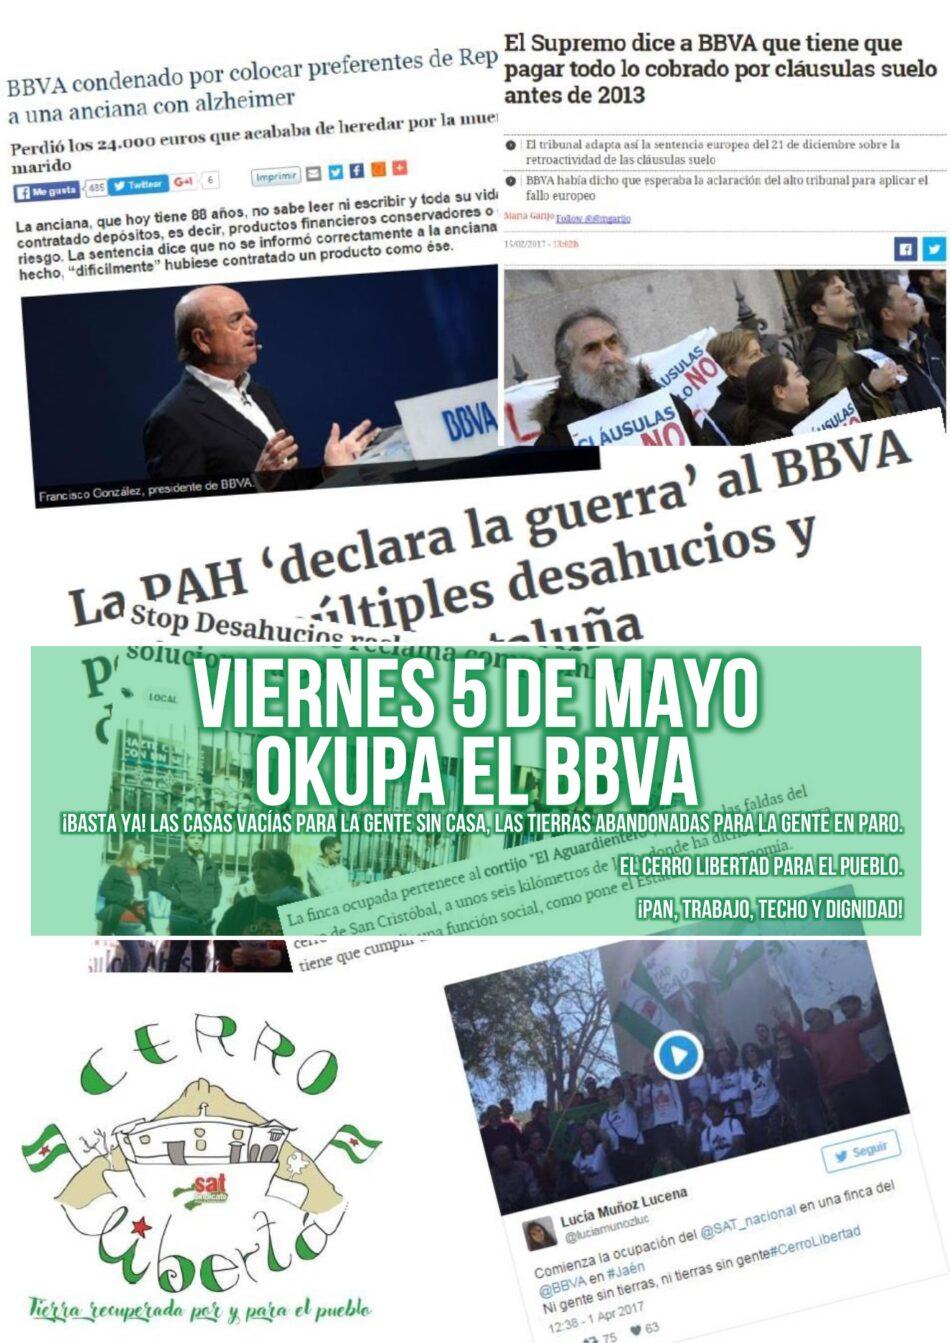 Viernes 5 de mayo: Okupa el BBVA